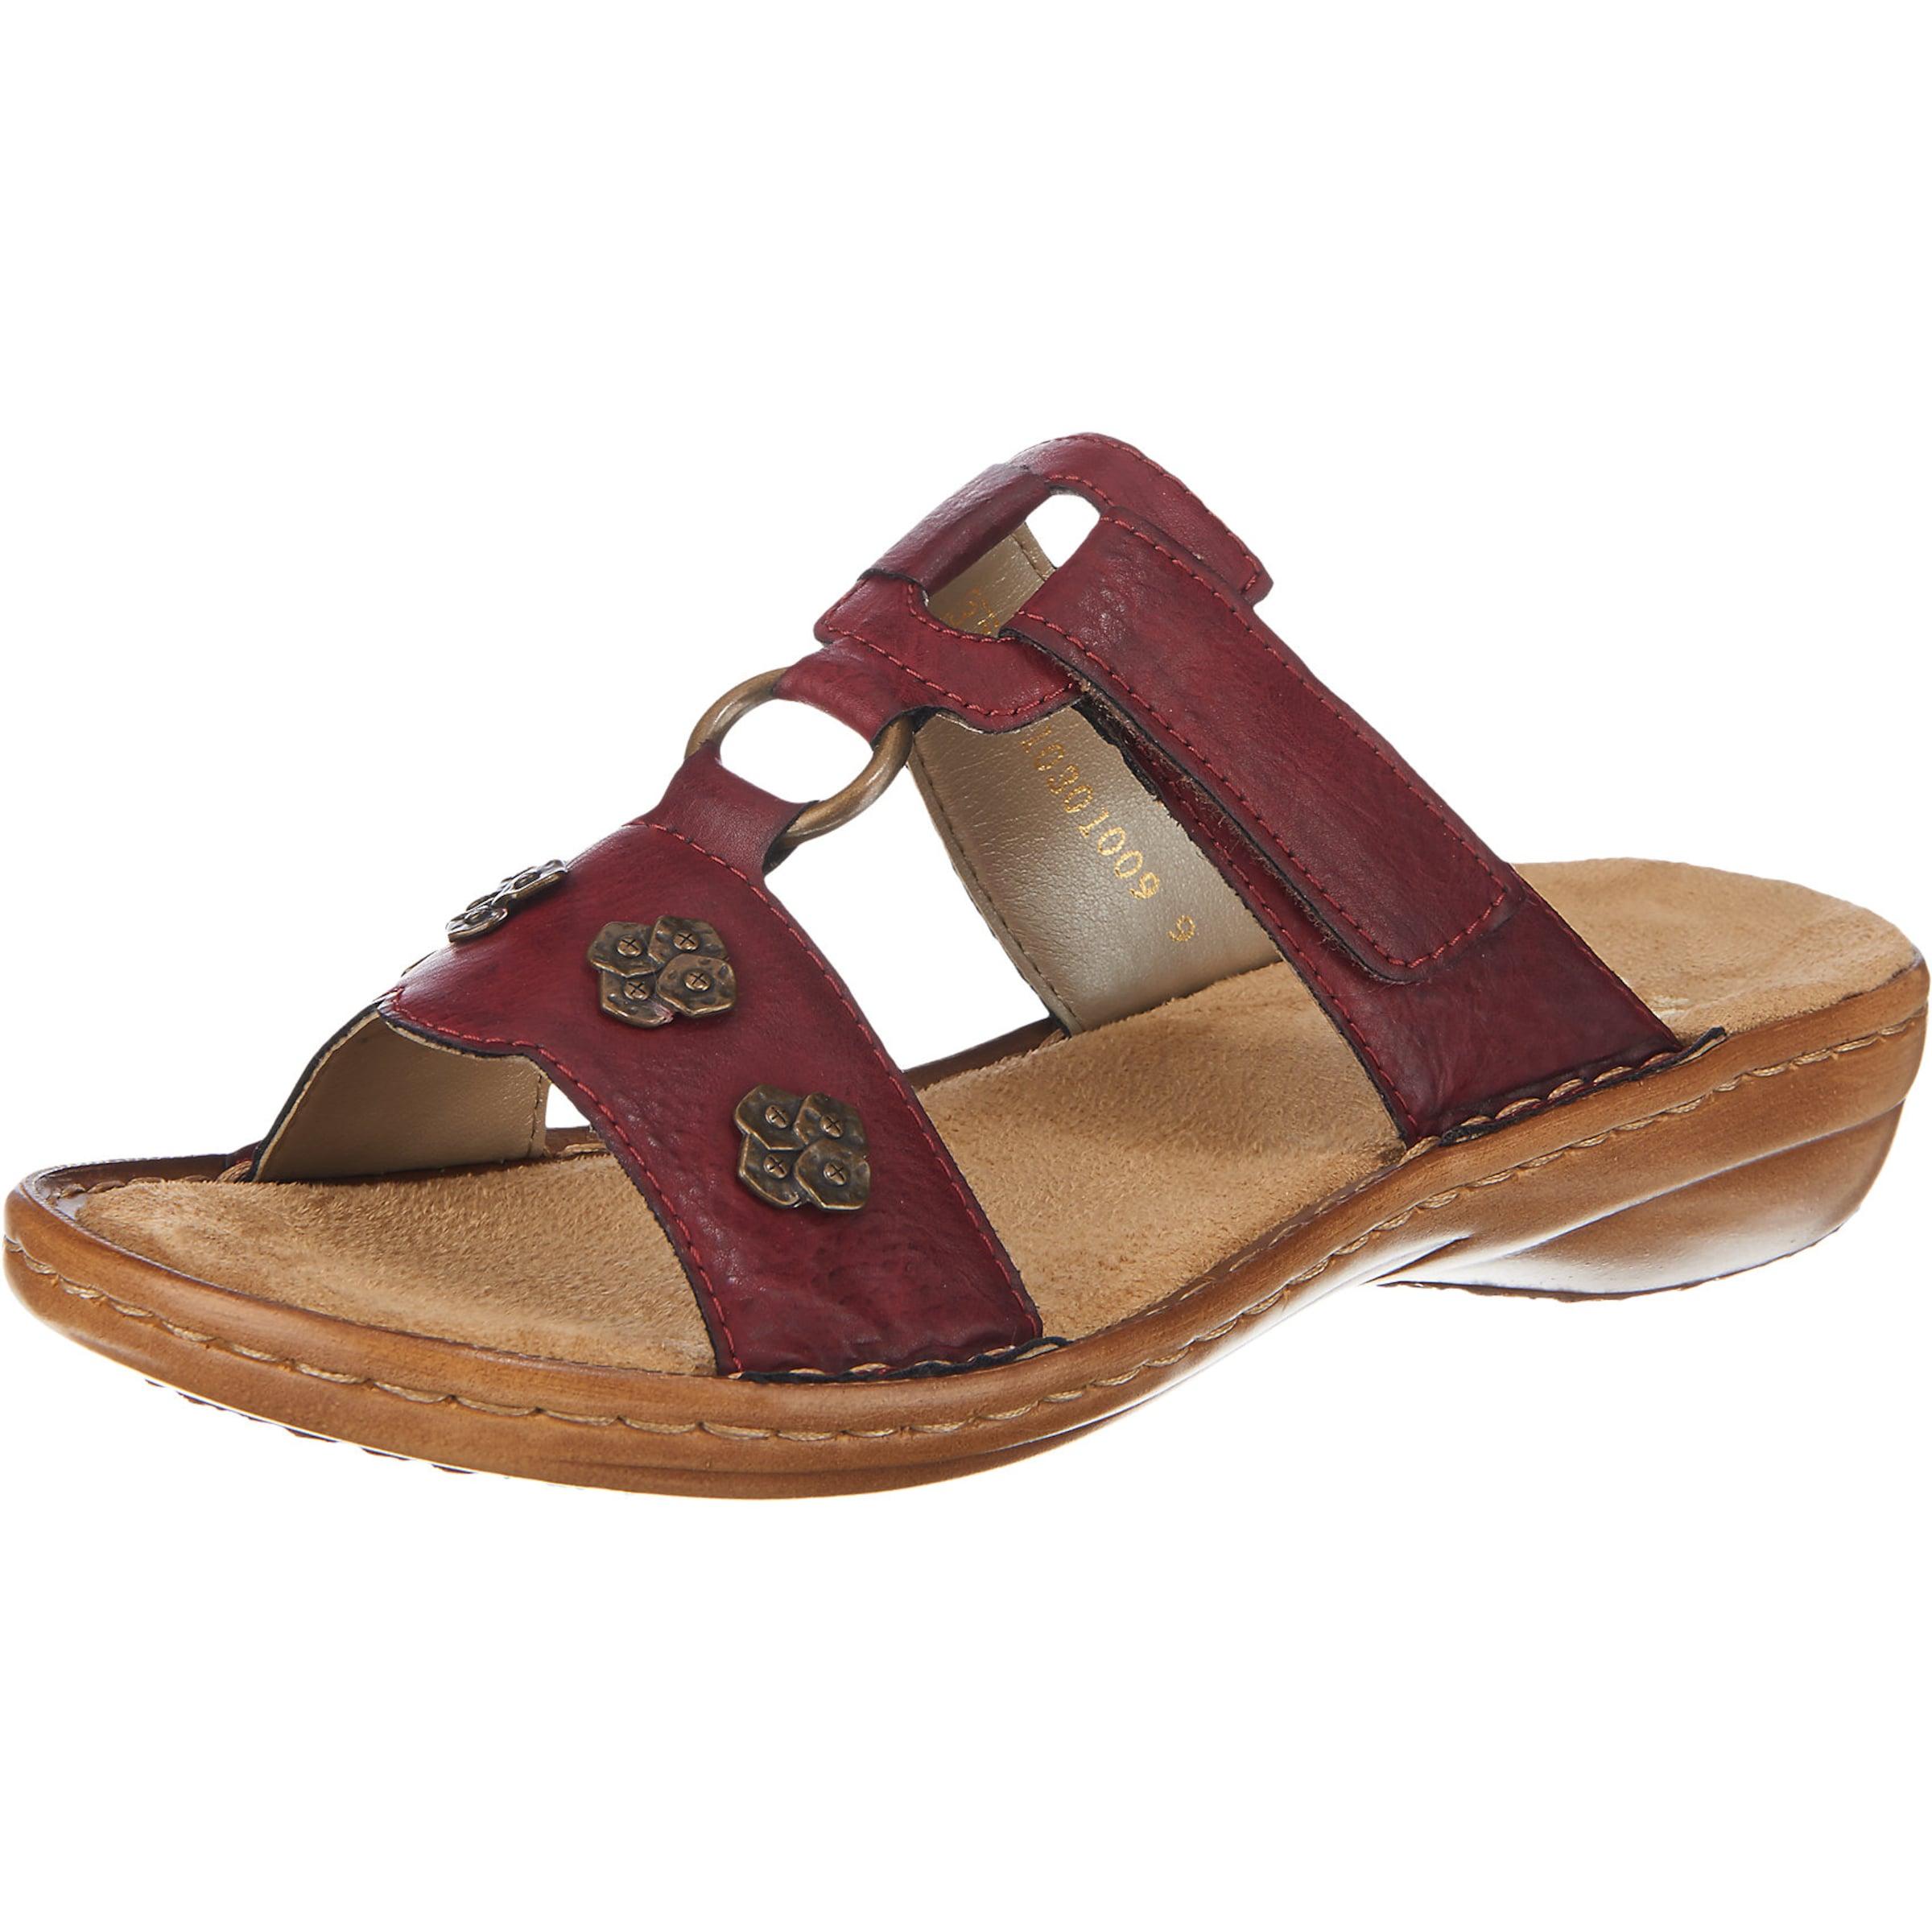 Haltbare Mode billige Schuhe RIEKER | Schuhe Pantoletten Schuhe Gut getragene Schuhe | 6a9cff